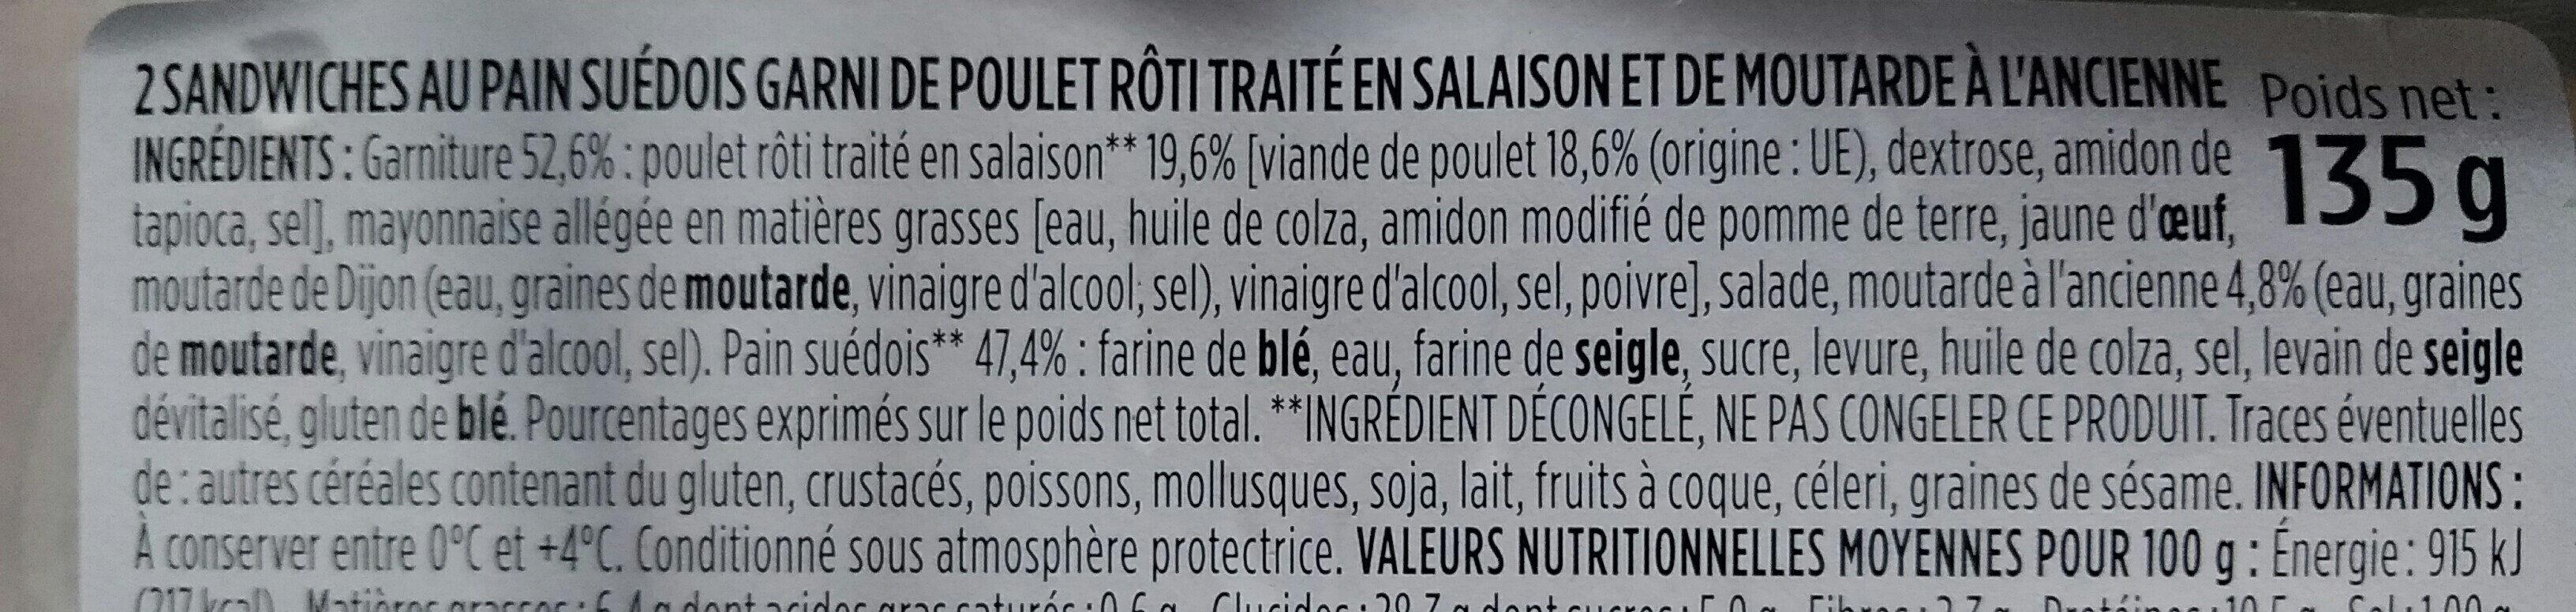 Poulet rôti moutarde à l'ancienne - Ingrediënten - fr